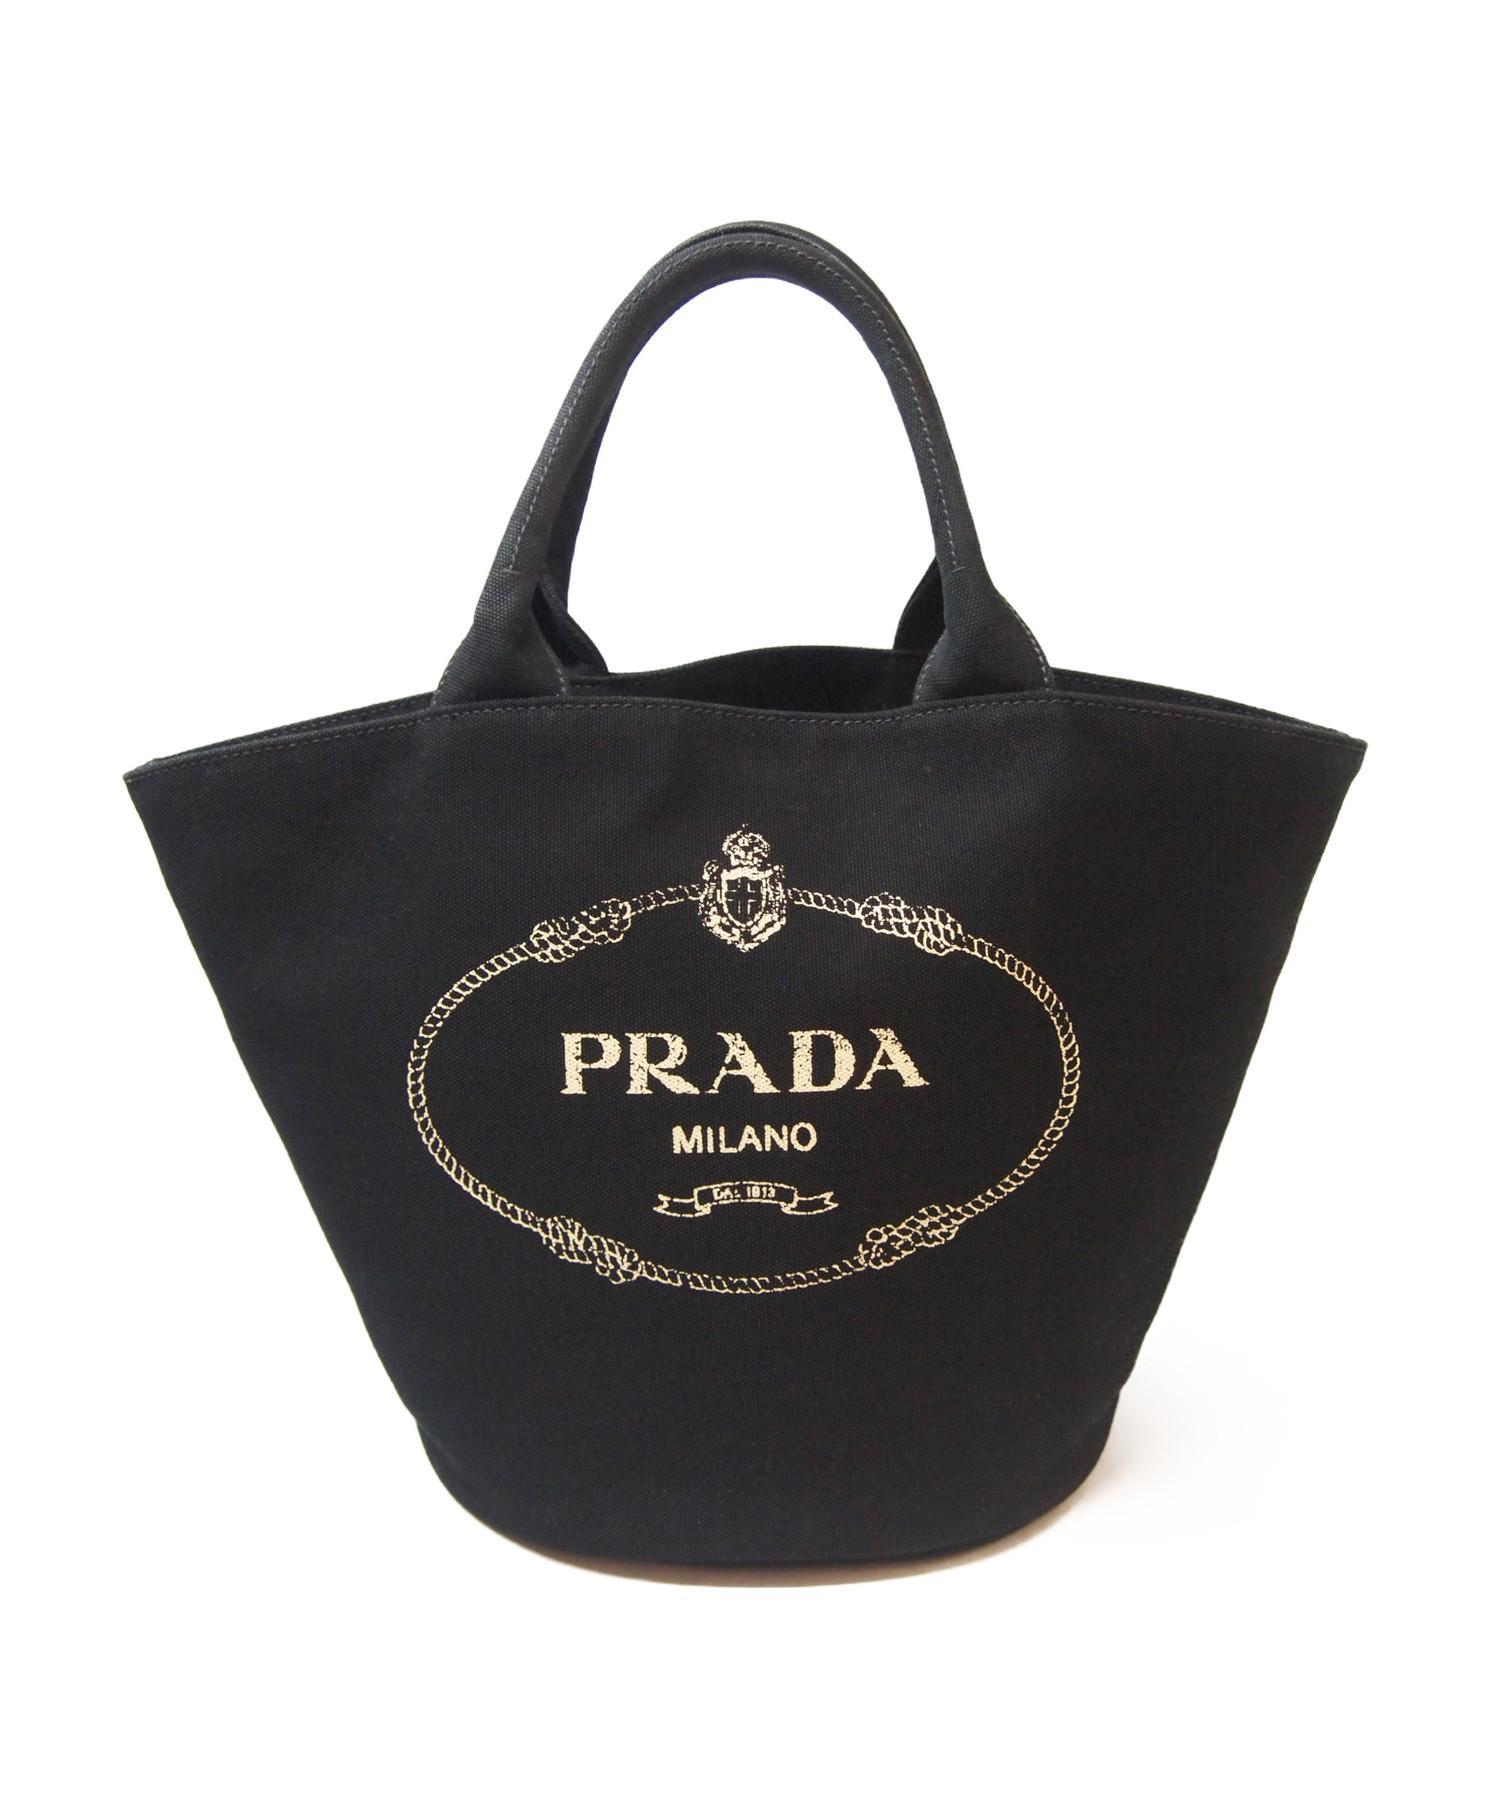 big sale 986ca d5952 [中古]PRADA(プラダ)のレディース バッグ 18SS/カナパ/トートバッグ